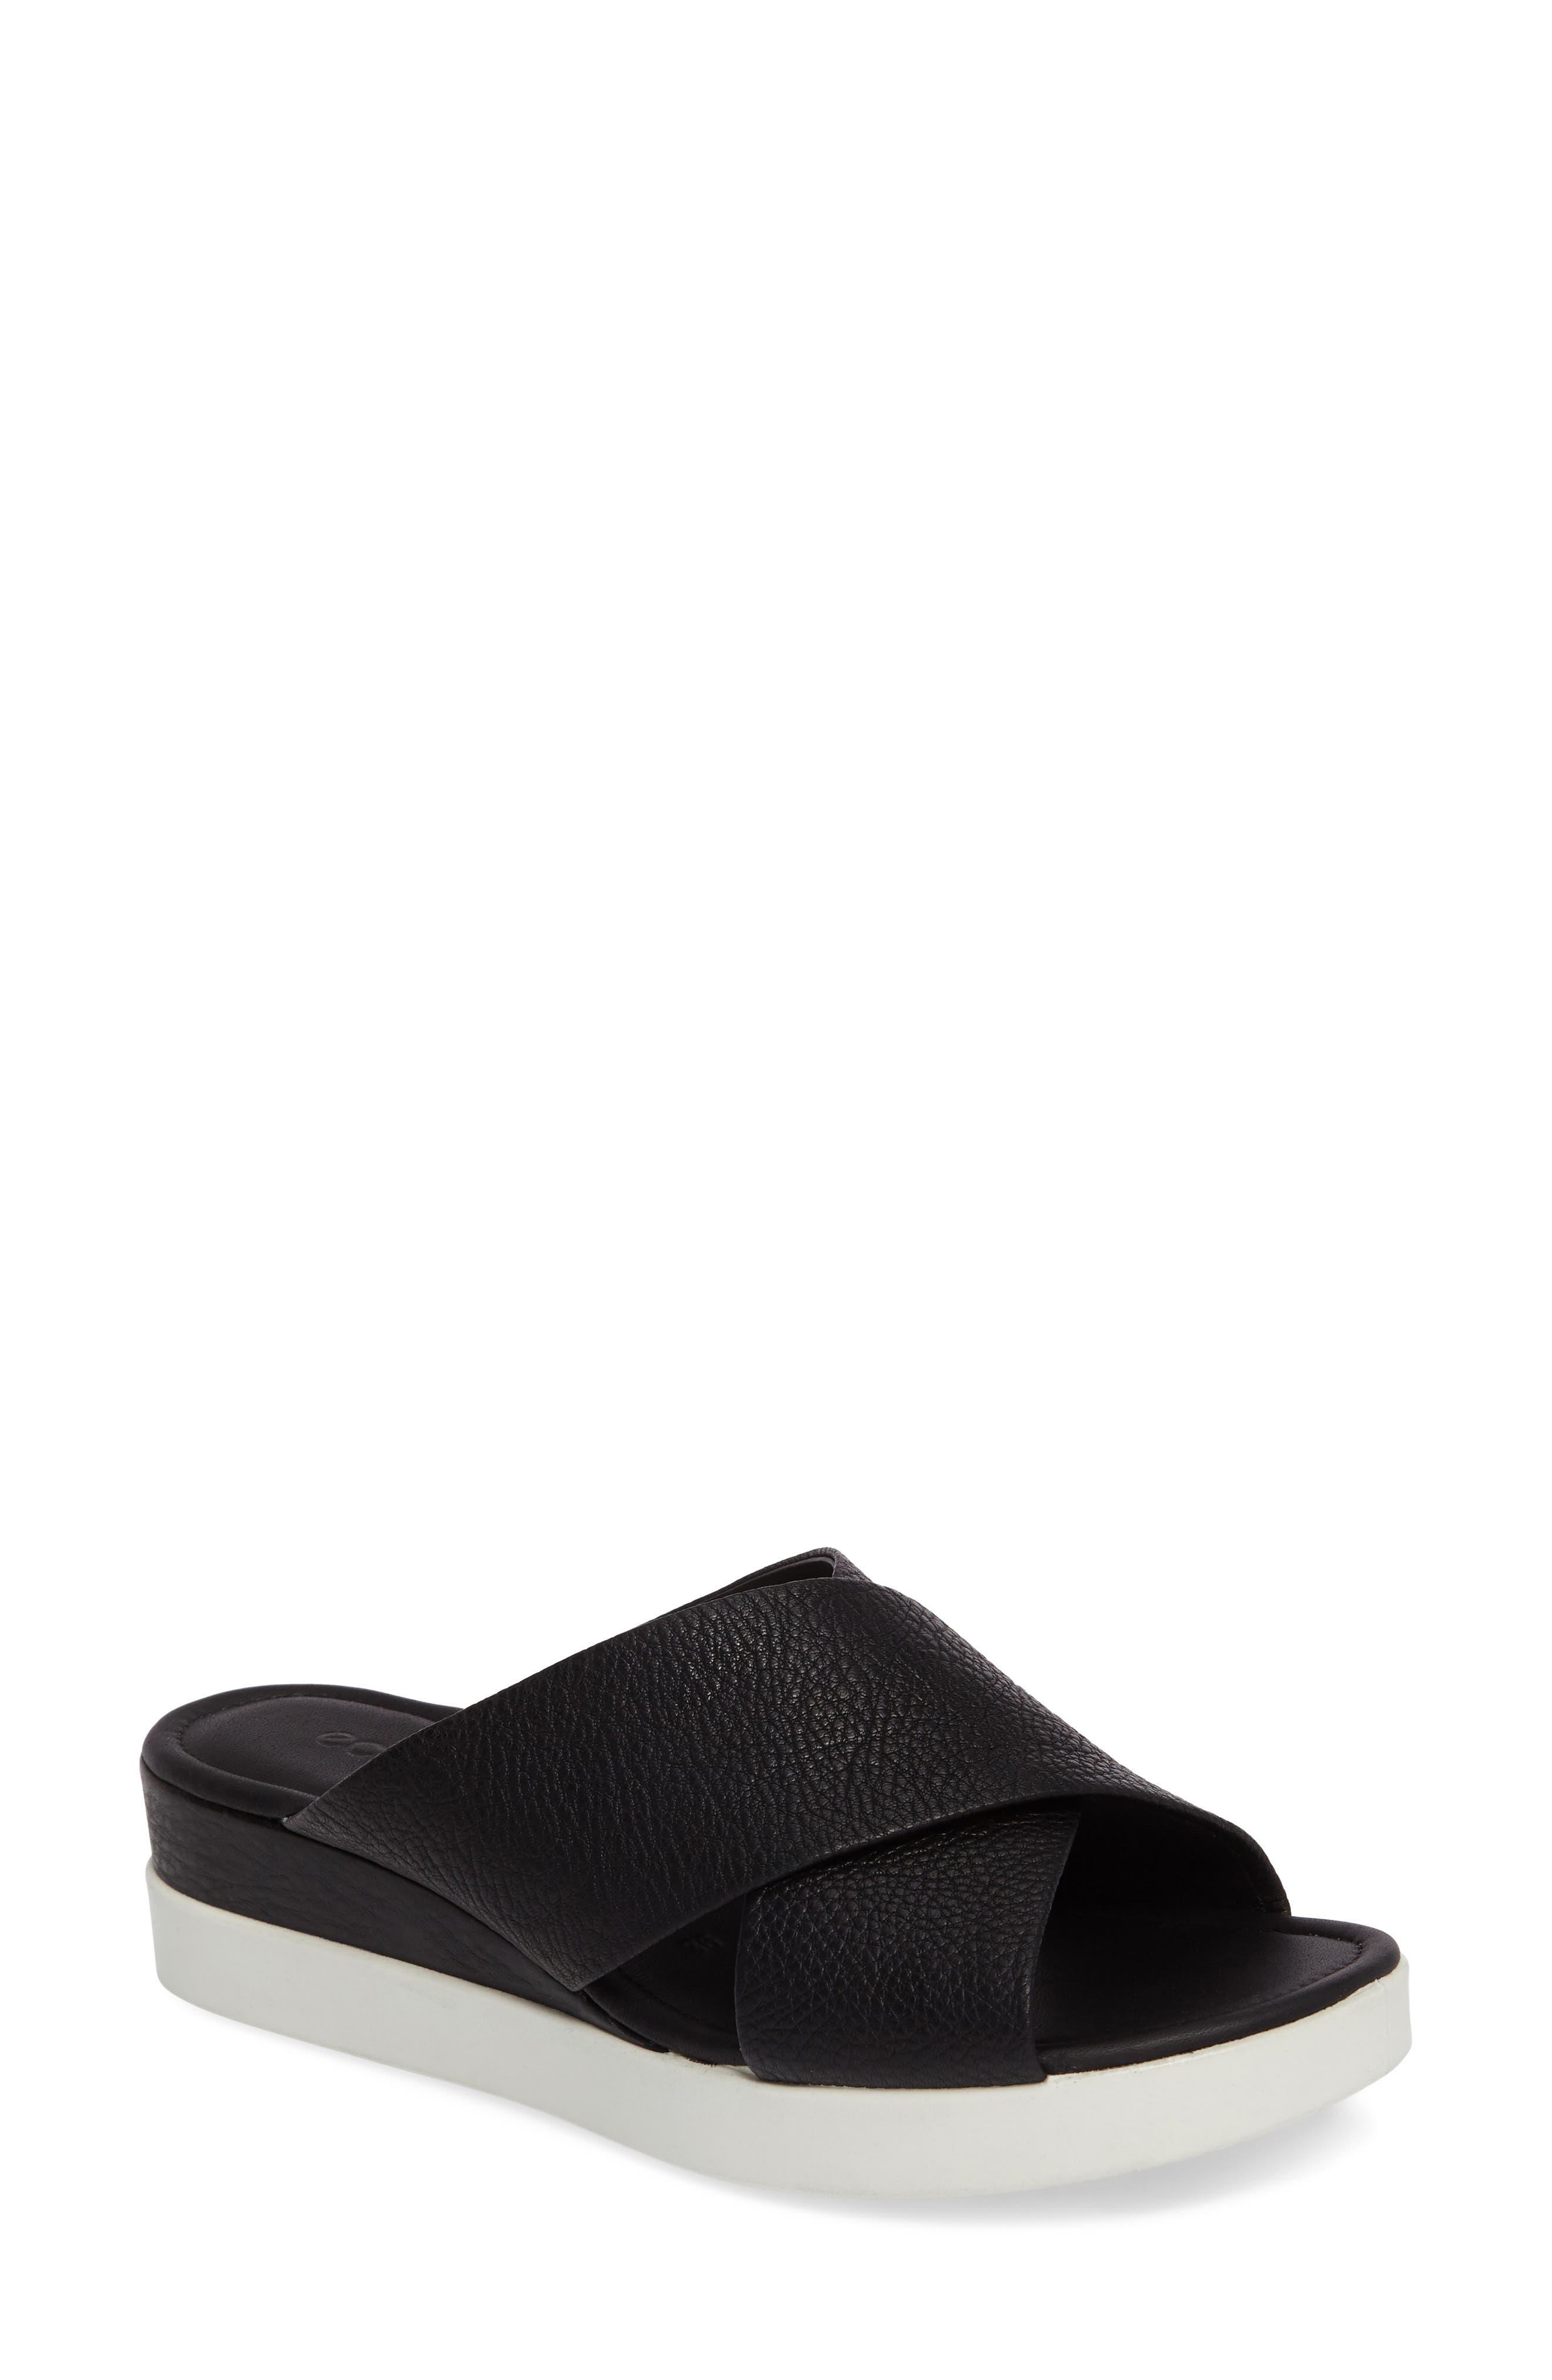 Alternate Image 1 Selected - ECCO Touch Slide Sandal (Women)